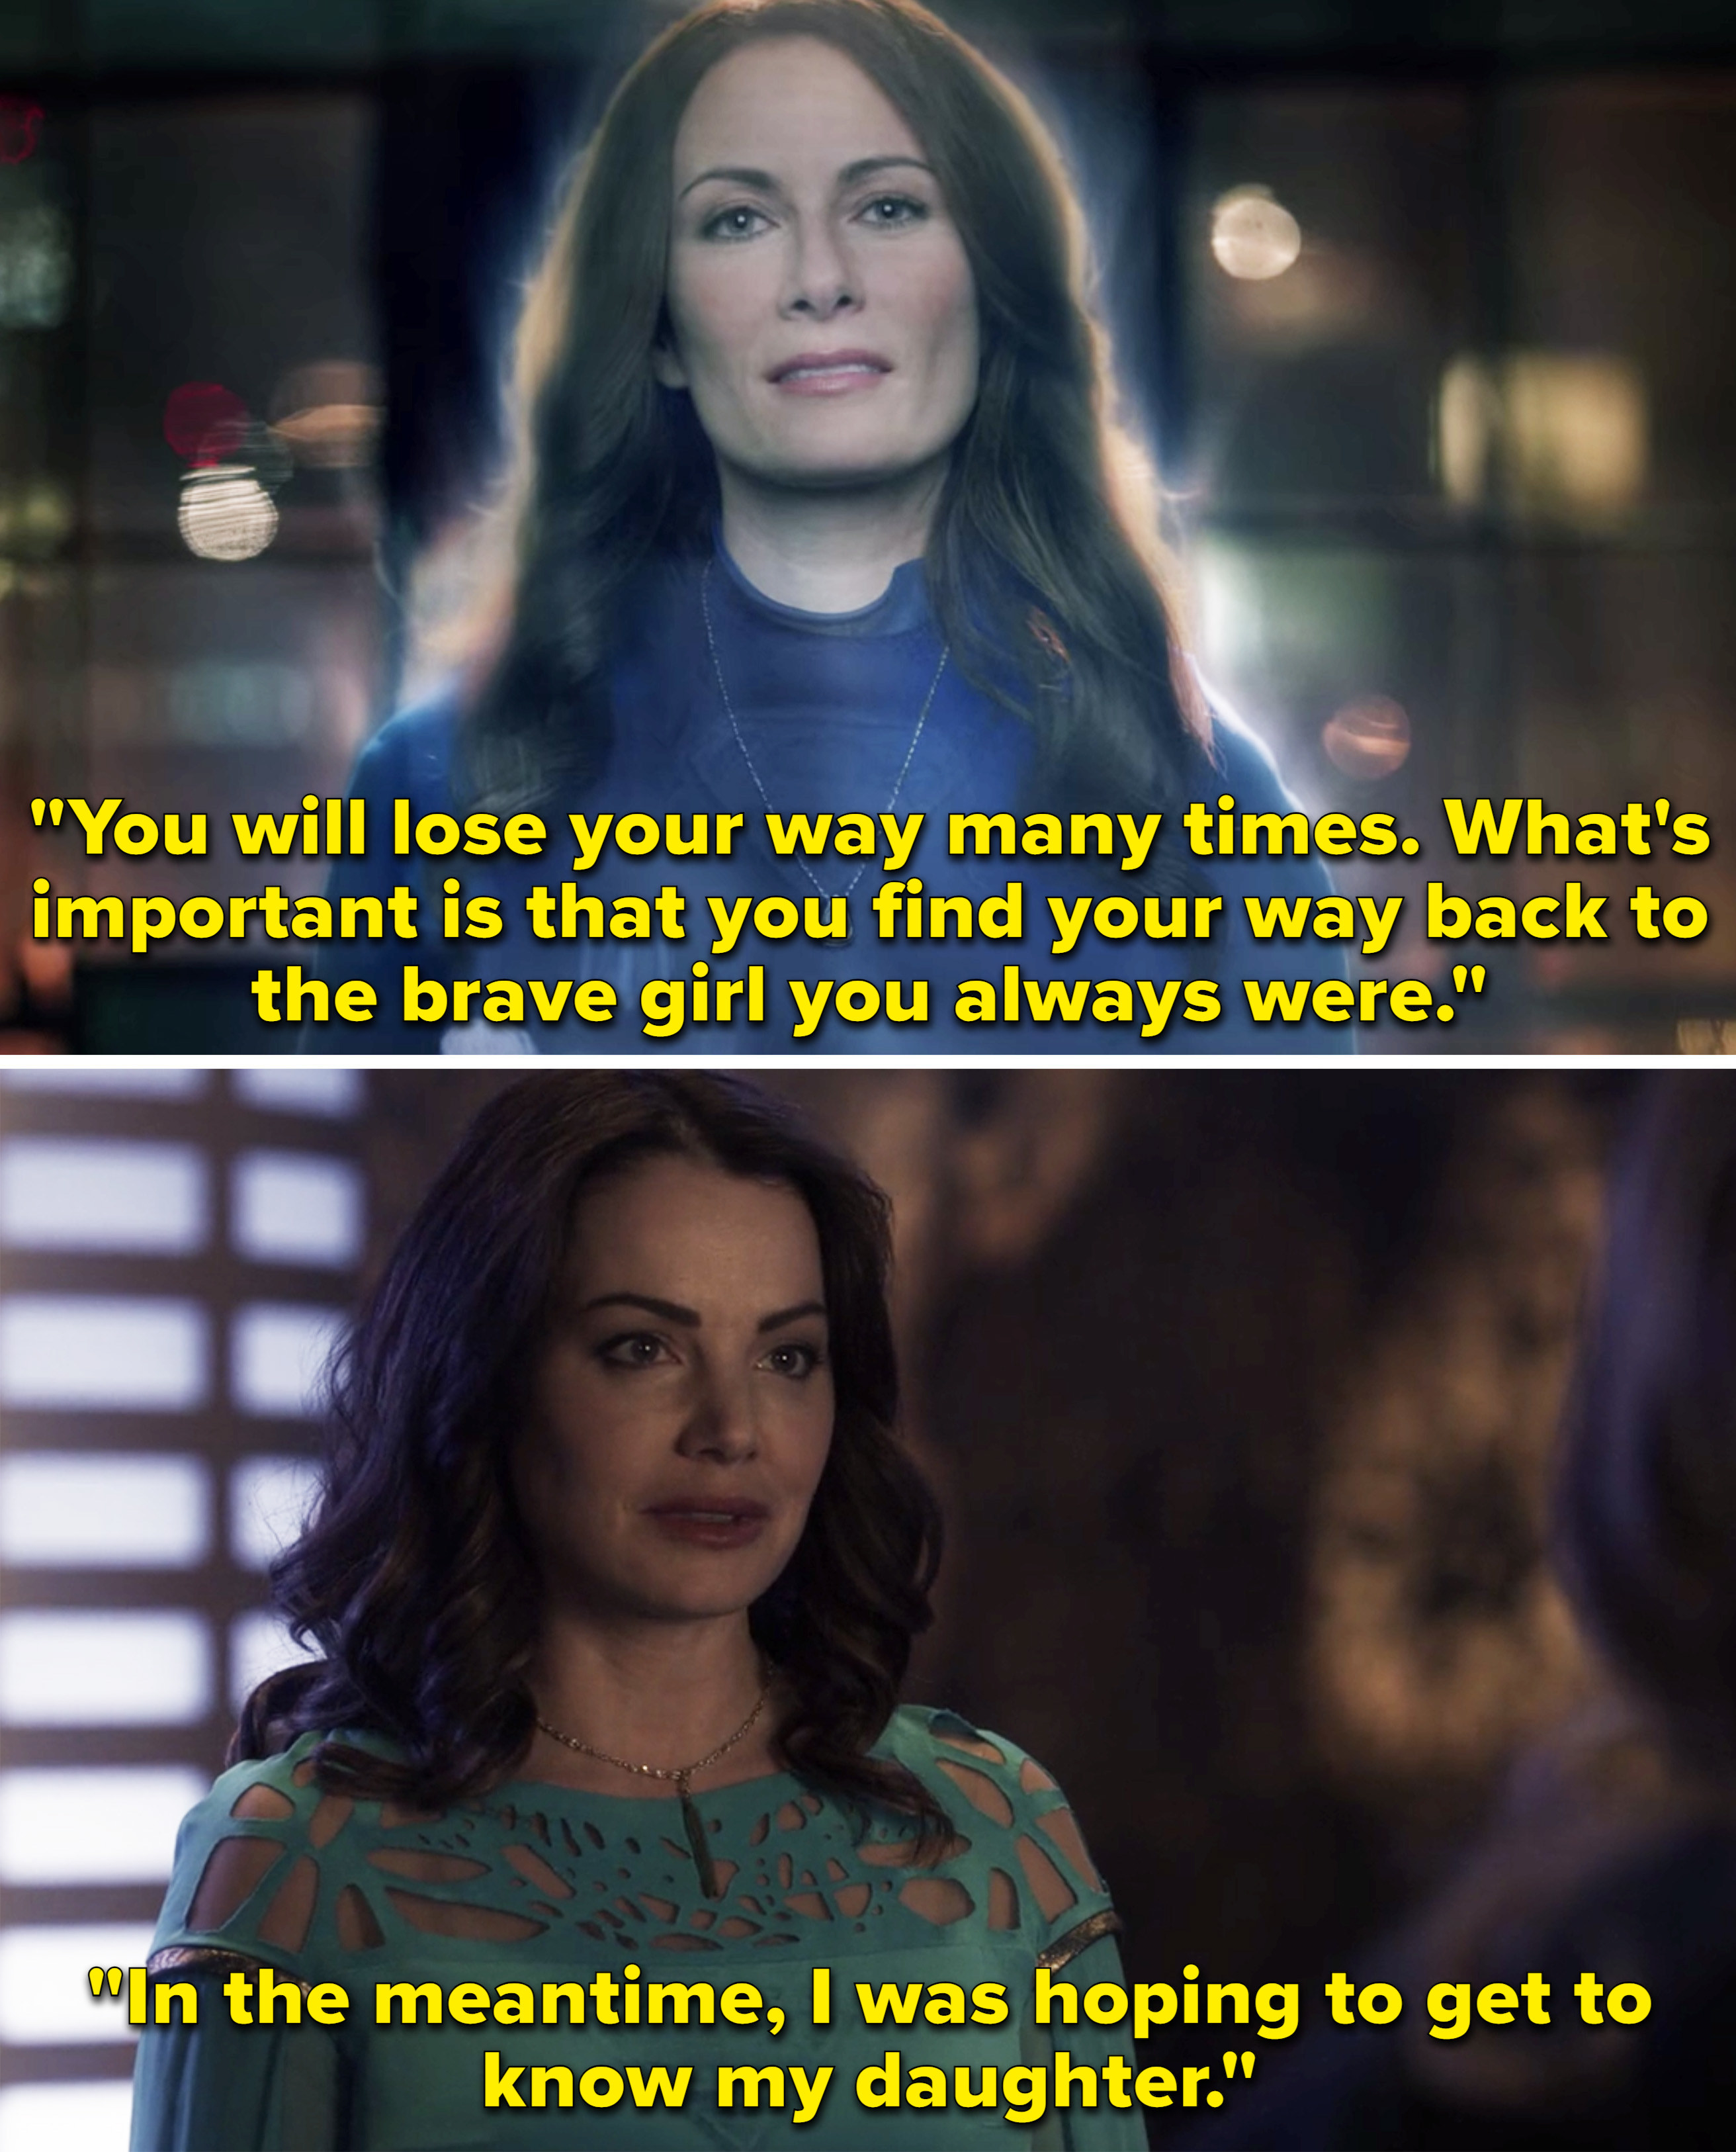 阿鲁拉说卡拉永远是她年轻时的勇敢女孩,然后阿鲁拉告诉卡拉她想了解她